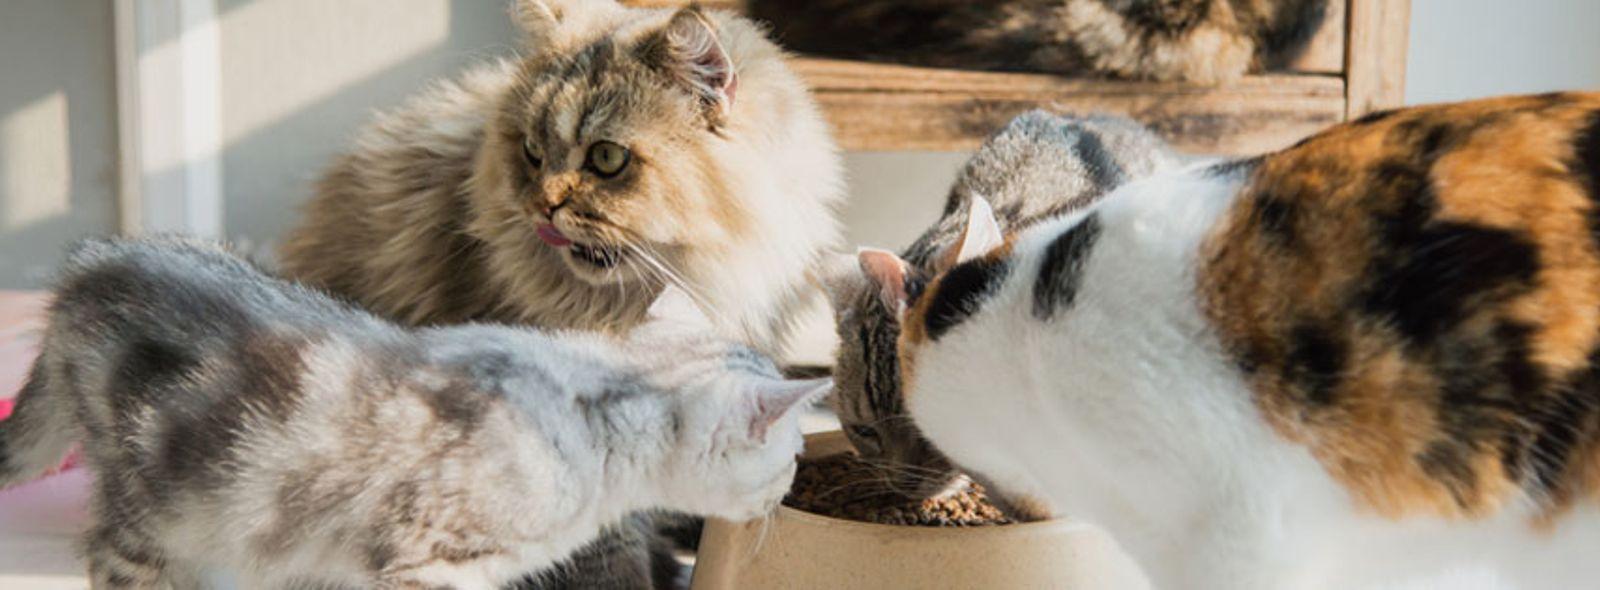 Quali cibi fanno male ai gatti